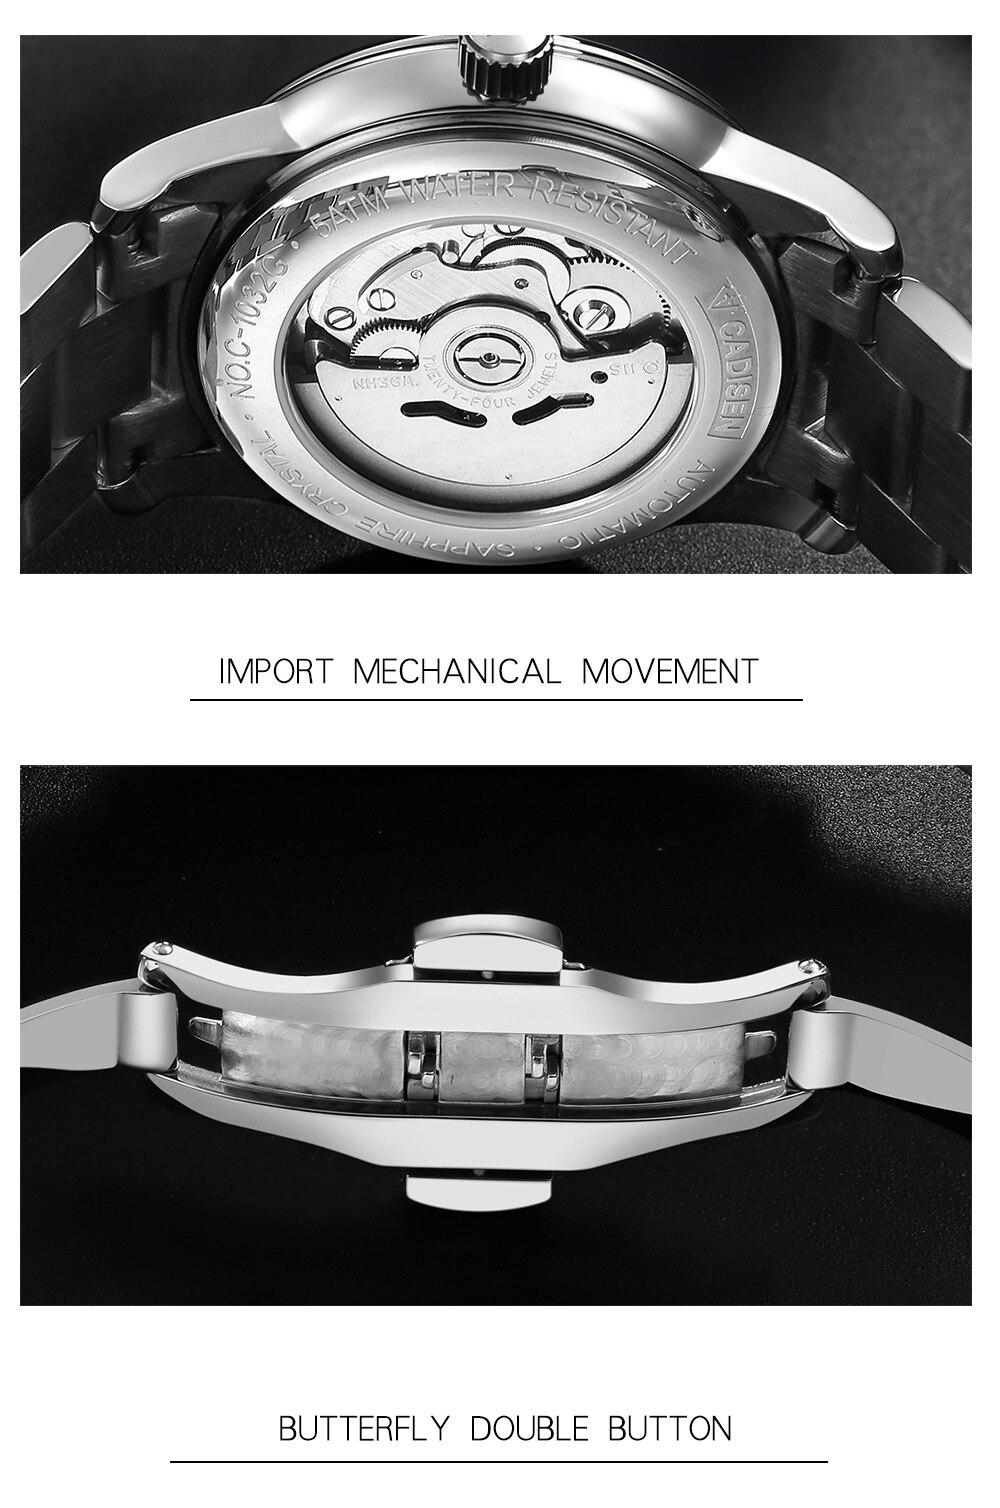 japão nh36a relógio de pulso relogio masculino